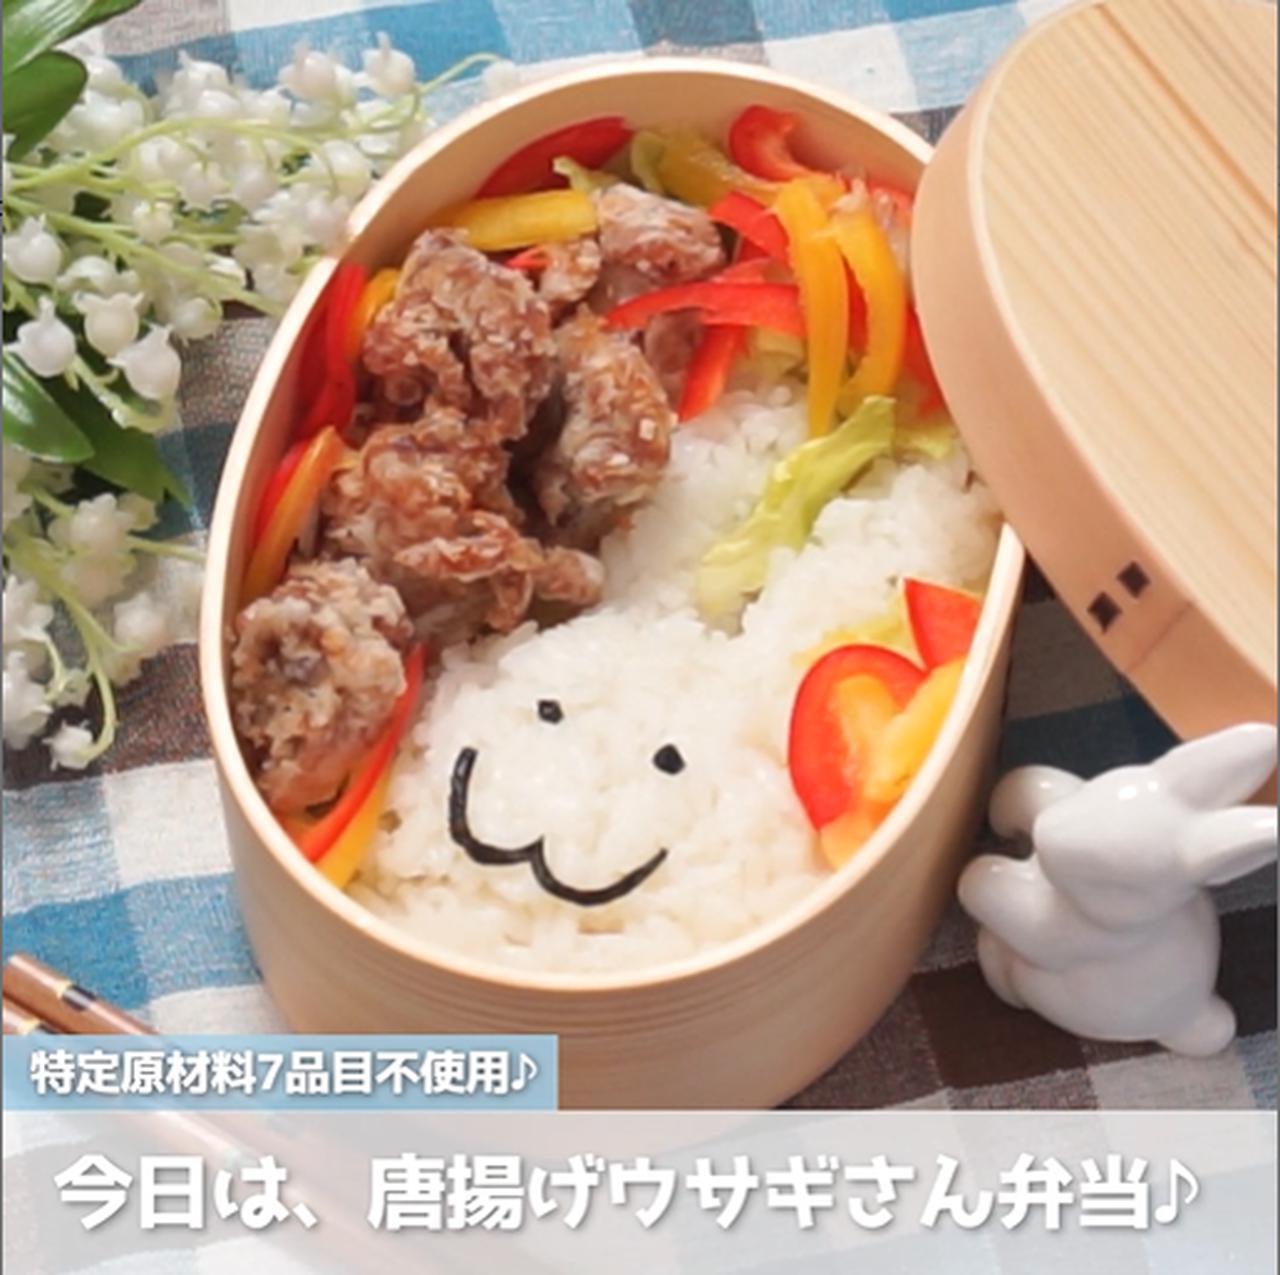 画像: 【相模原病院管理栄養士 朴先生のコメントつき】お弁当で大活躍‼きょうは唐揚げウサギさん弁当 - 君とごはん